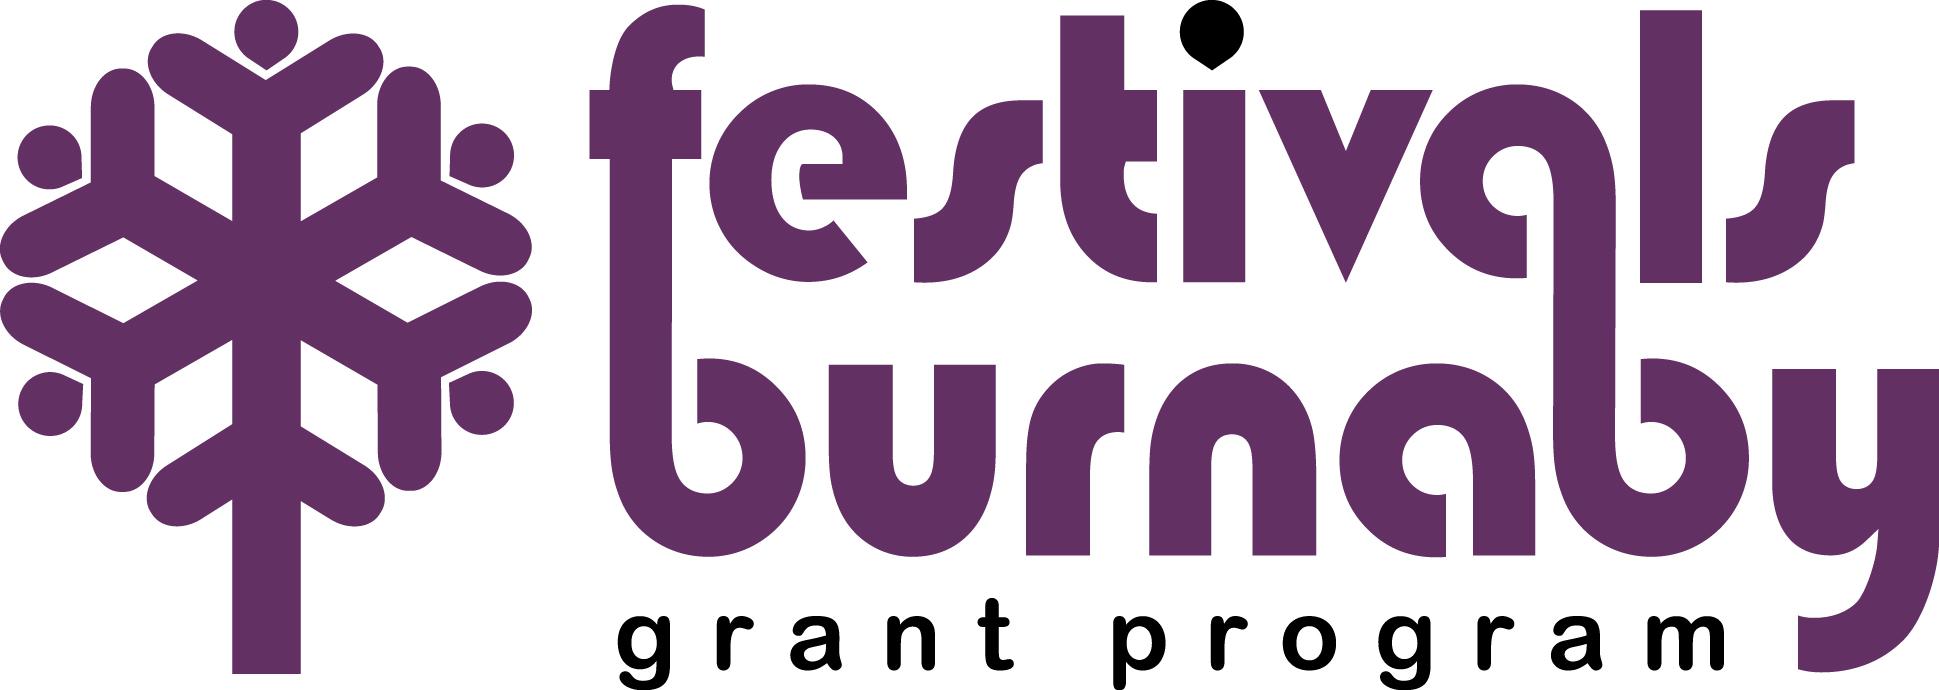 Festivals Burnaby Grant Program Logo